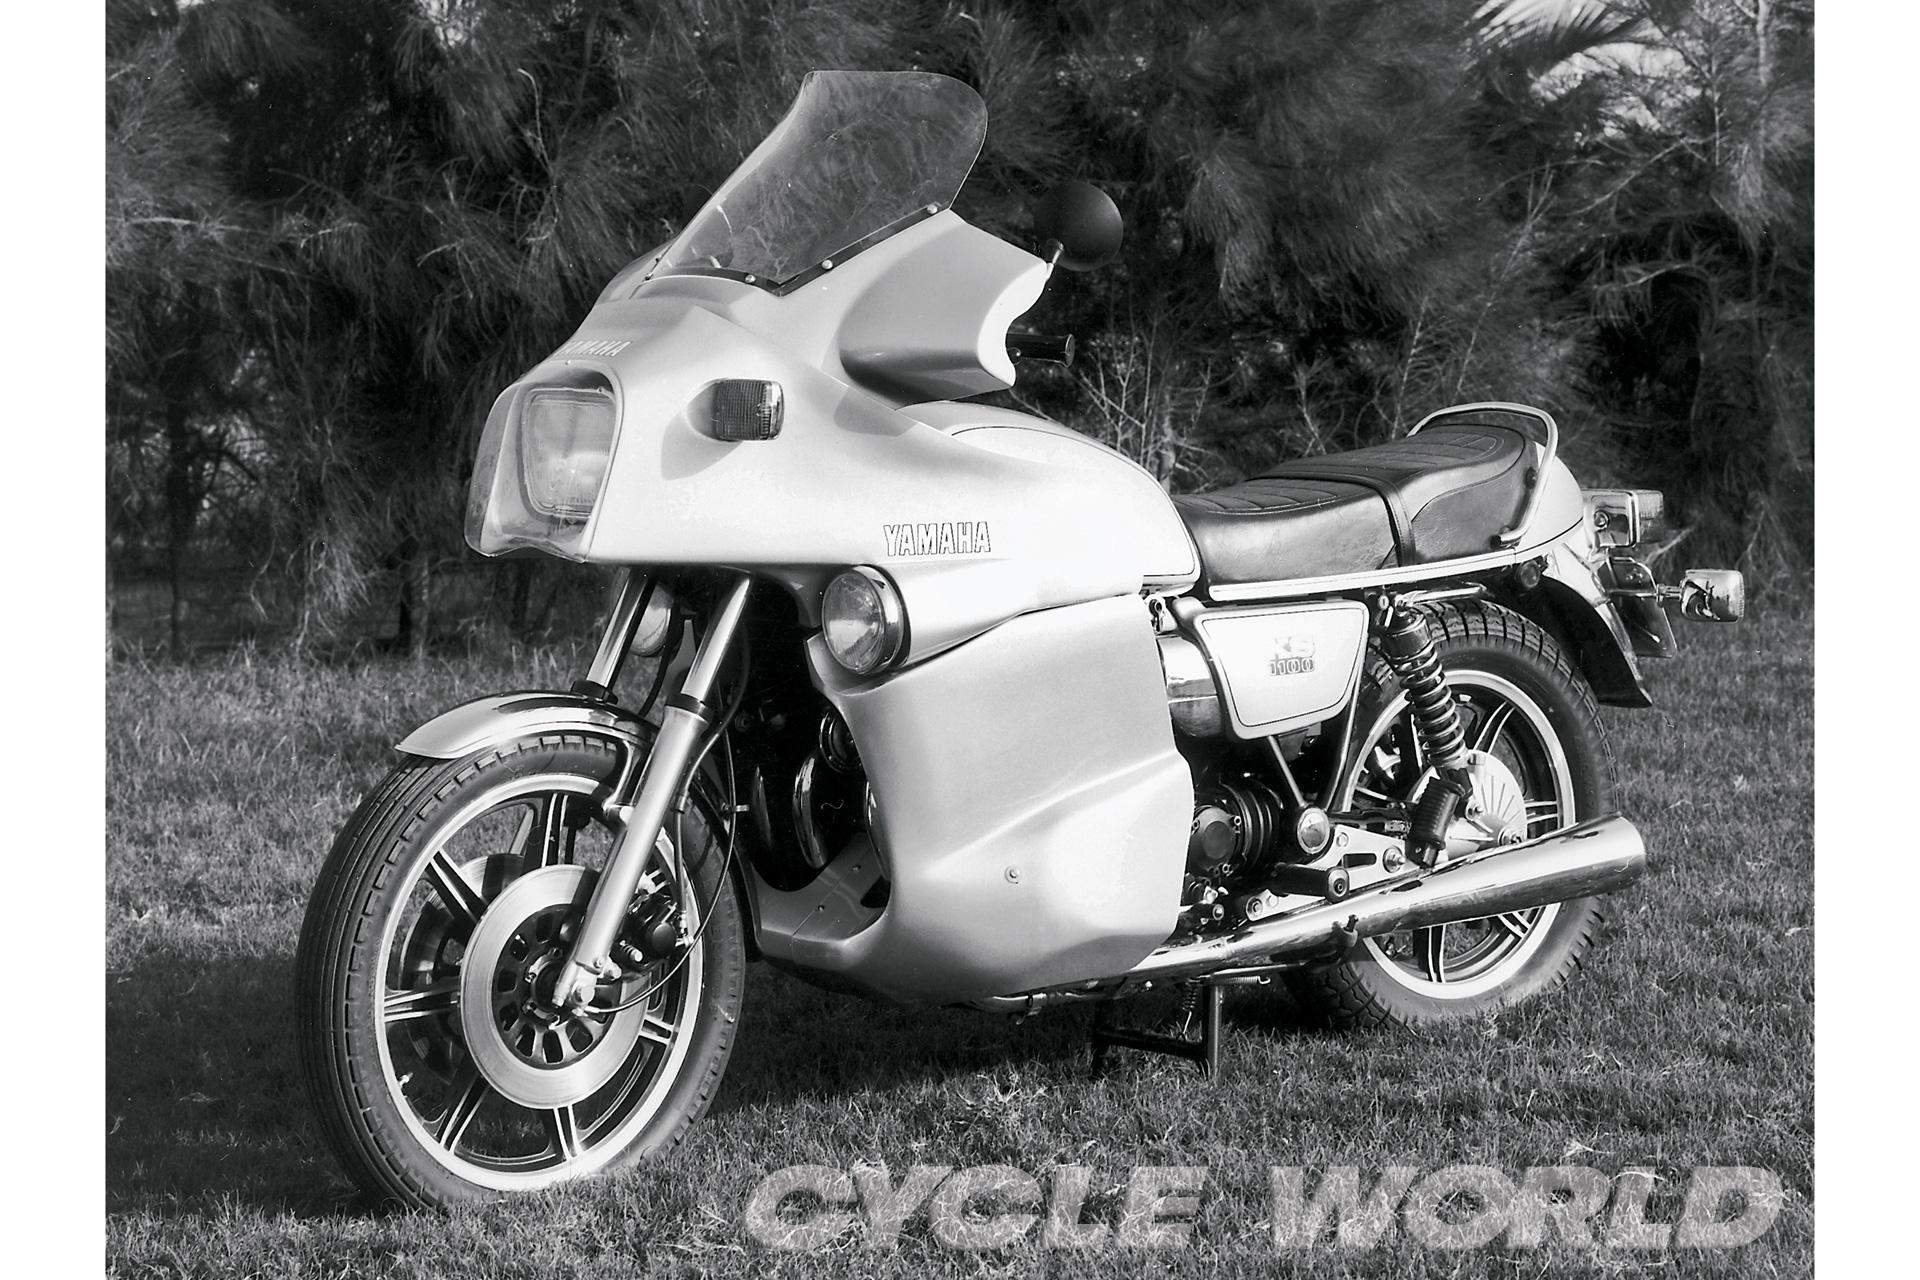 John Mockett's Yamaha XS11